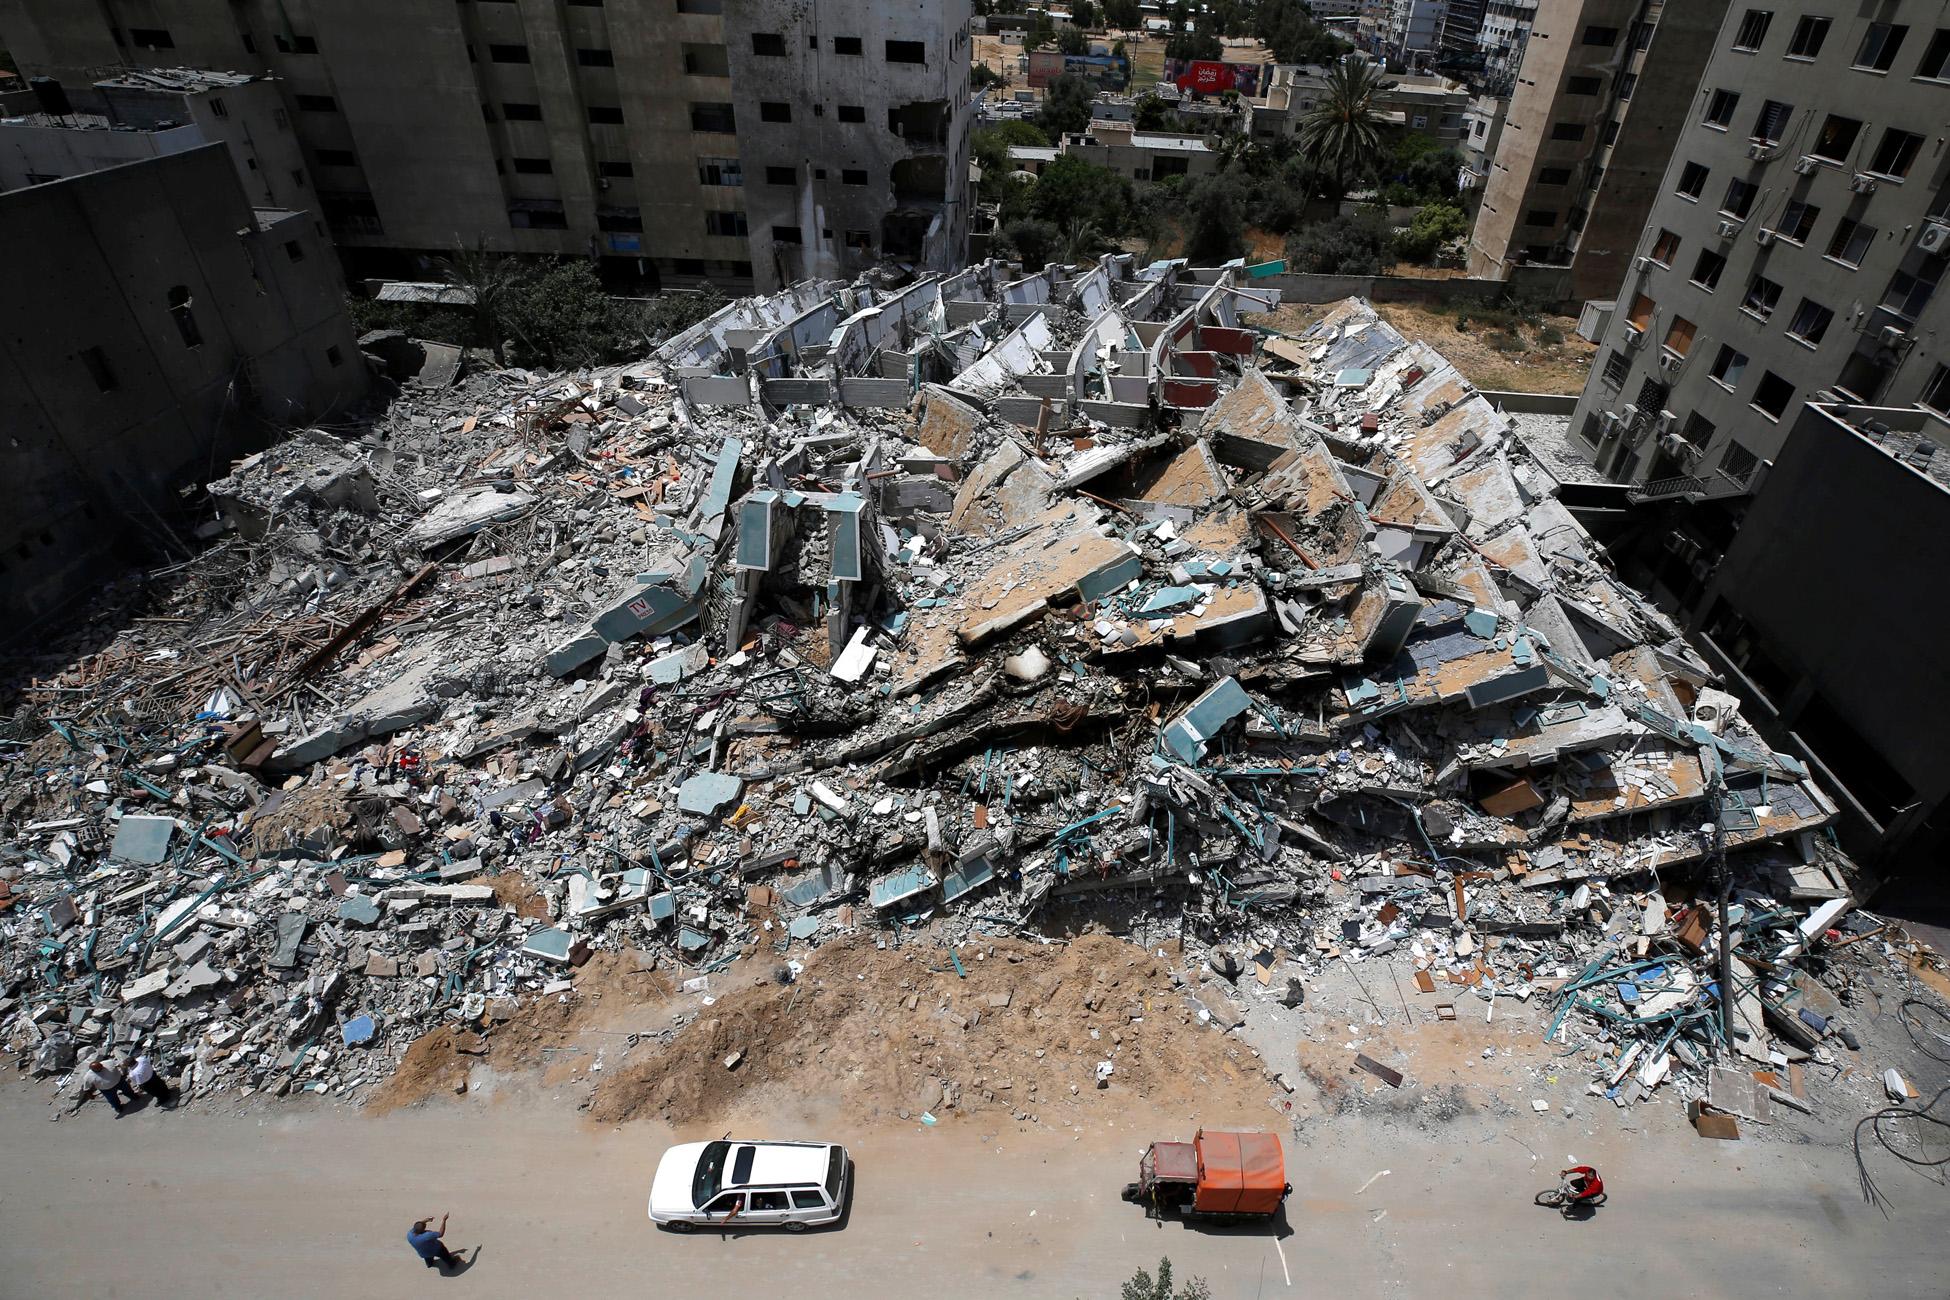 Γάζα: Πέντε νεκροί αλλά και δεκάδες επιζώντες στο βομβαρδισμένο «μετρό» της Χαμάς